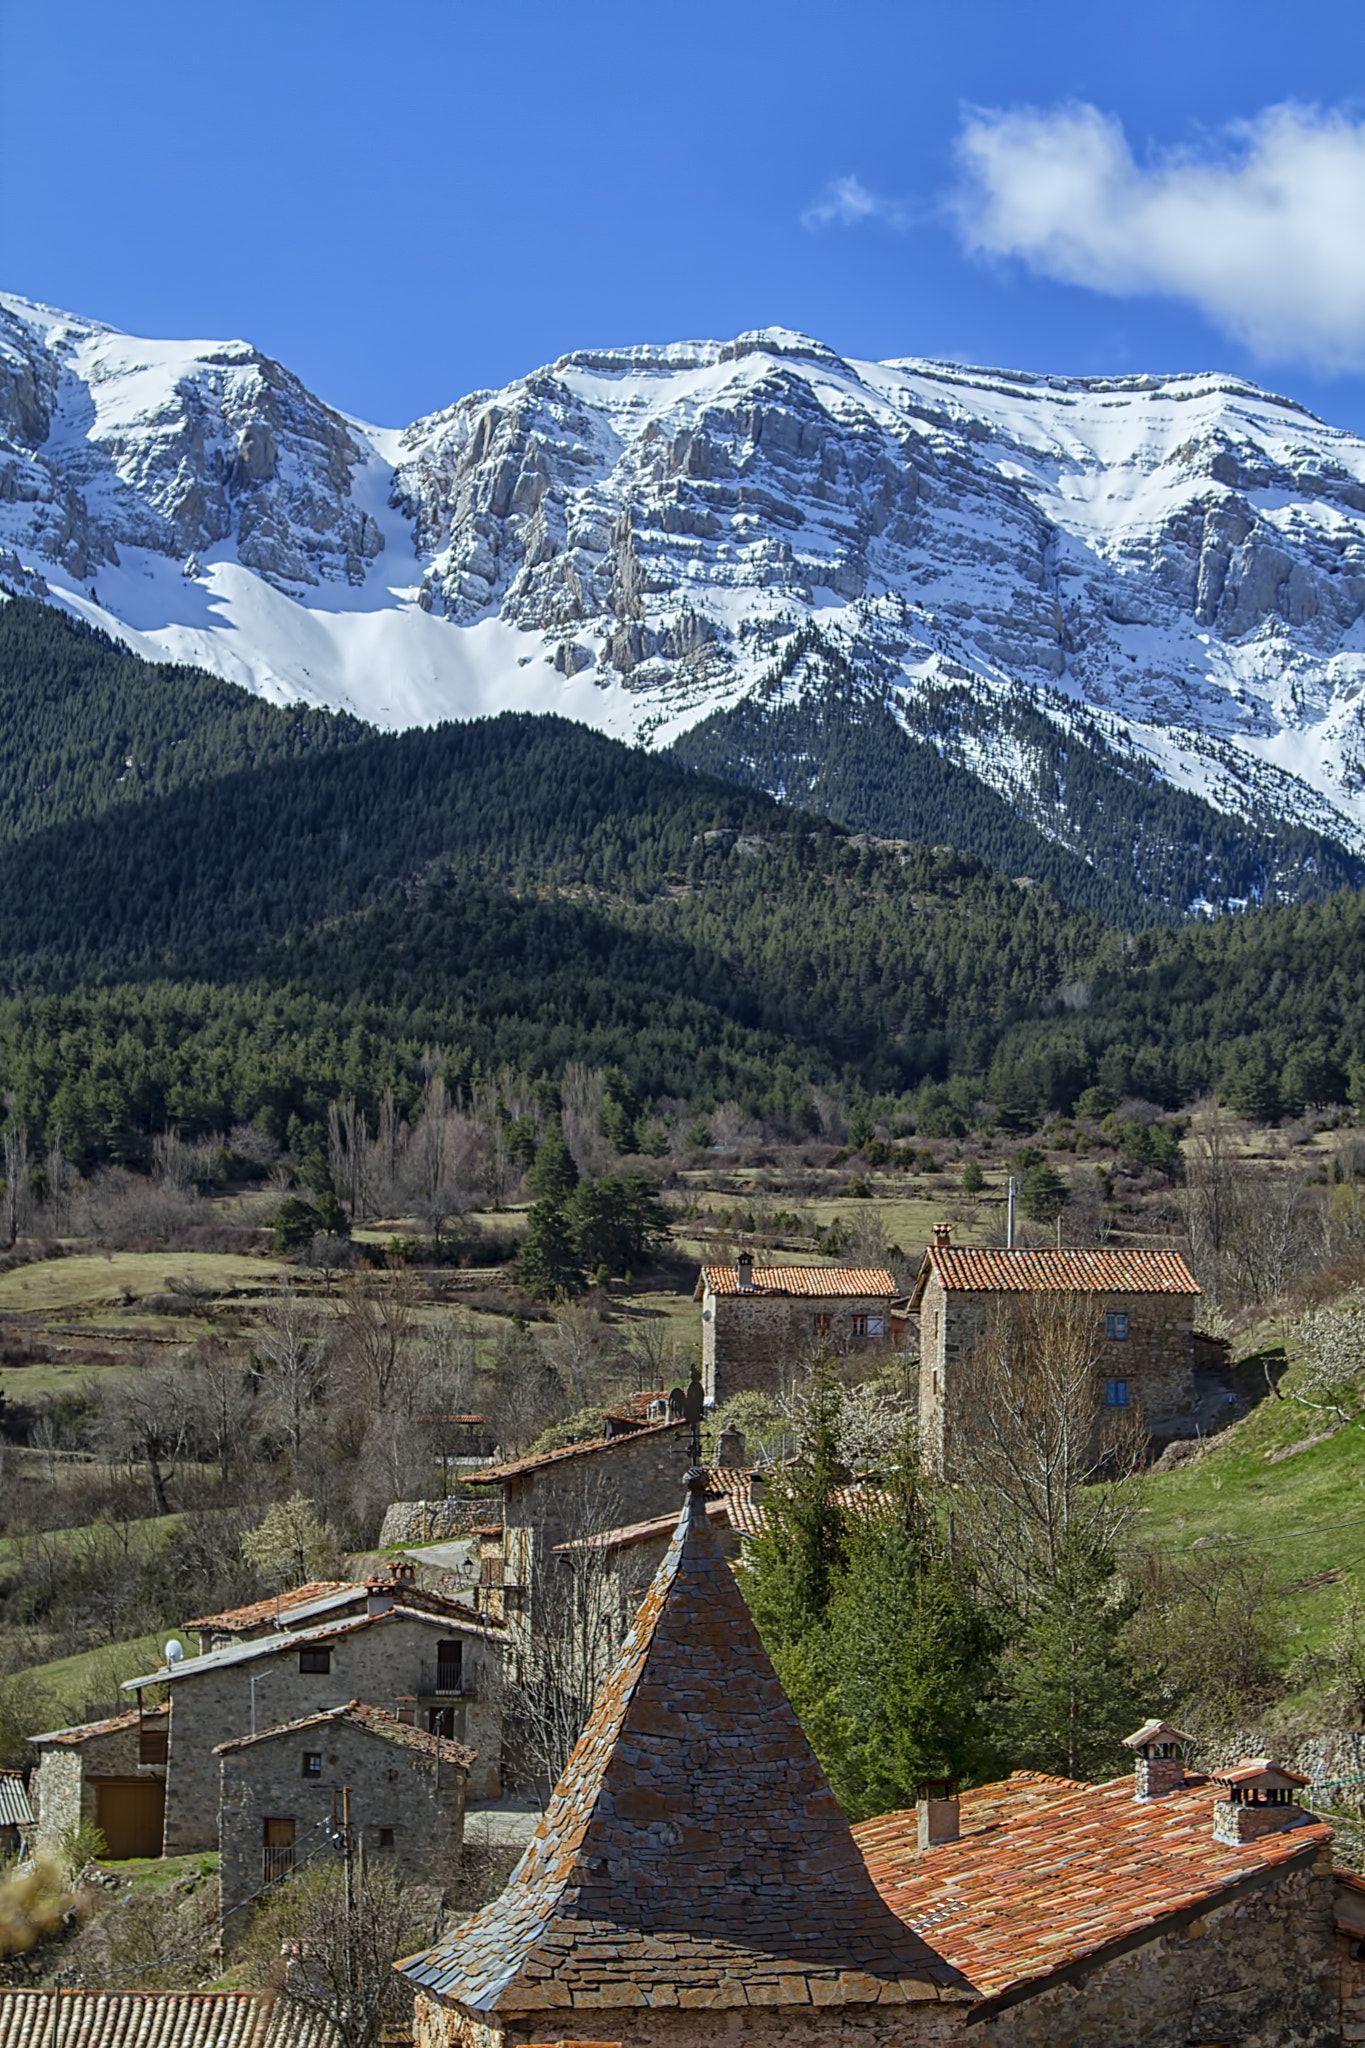 La Cerdanya España Pirineos Cerdanya Cataluña Catalunya Montañas Pueblo Nubes Nieve Pino Spain Pyren Pueblos De España Pirineos Paisaje Increibles